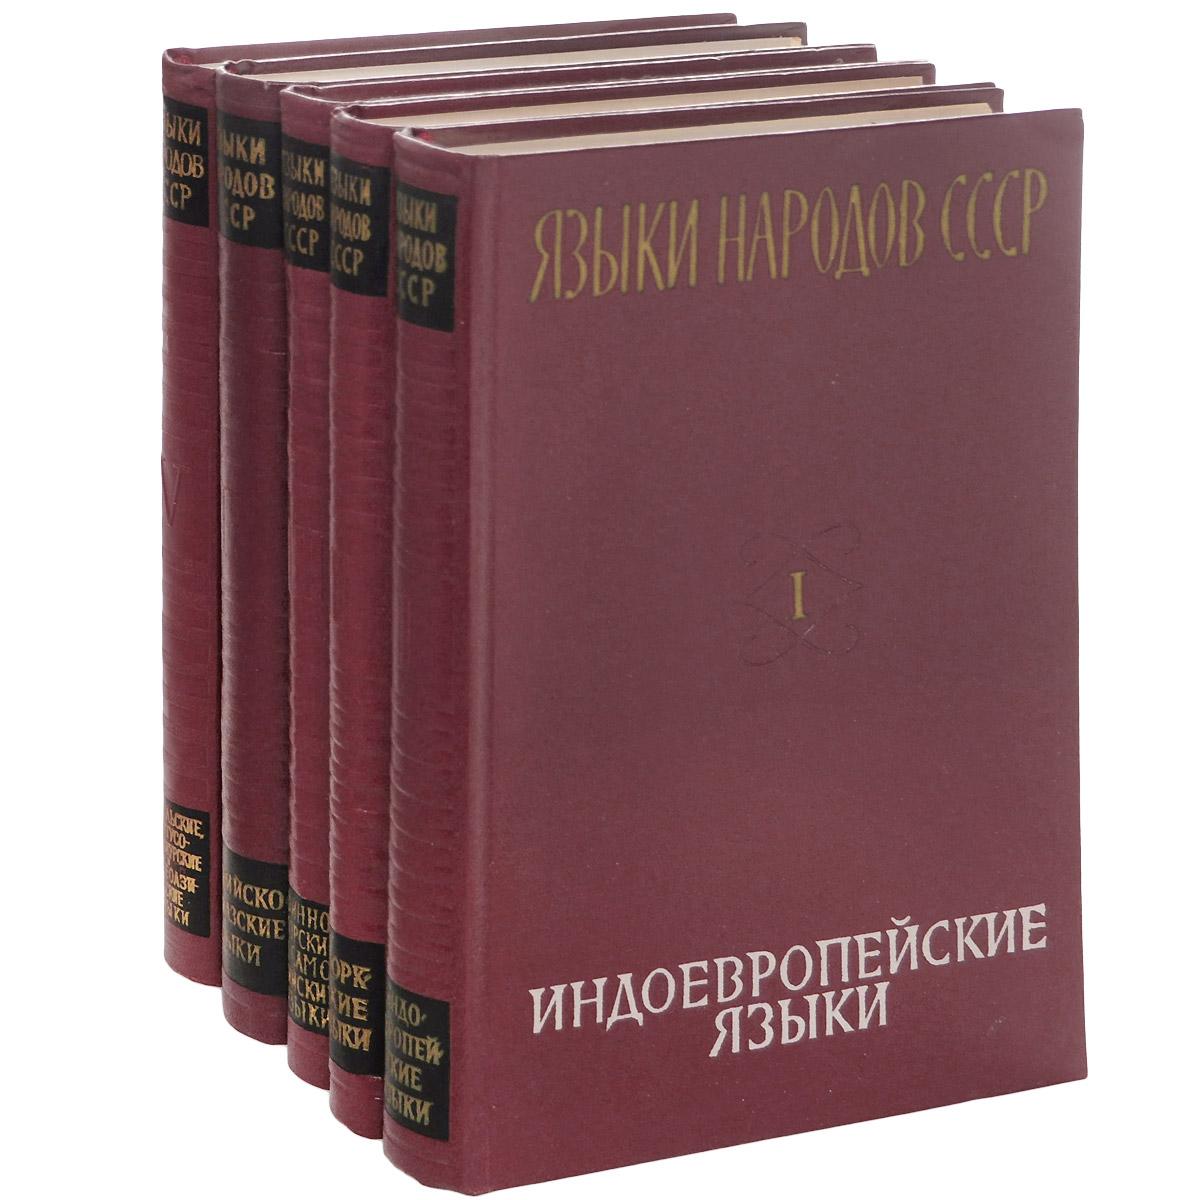 Языки народов СССР. В 5 томах (комплект)